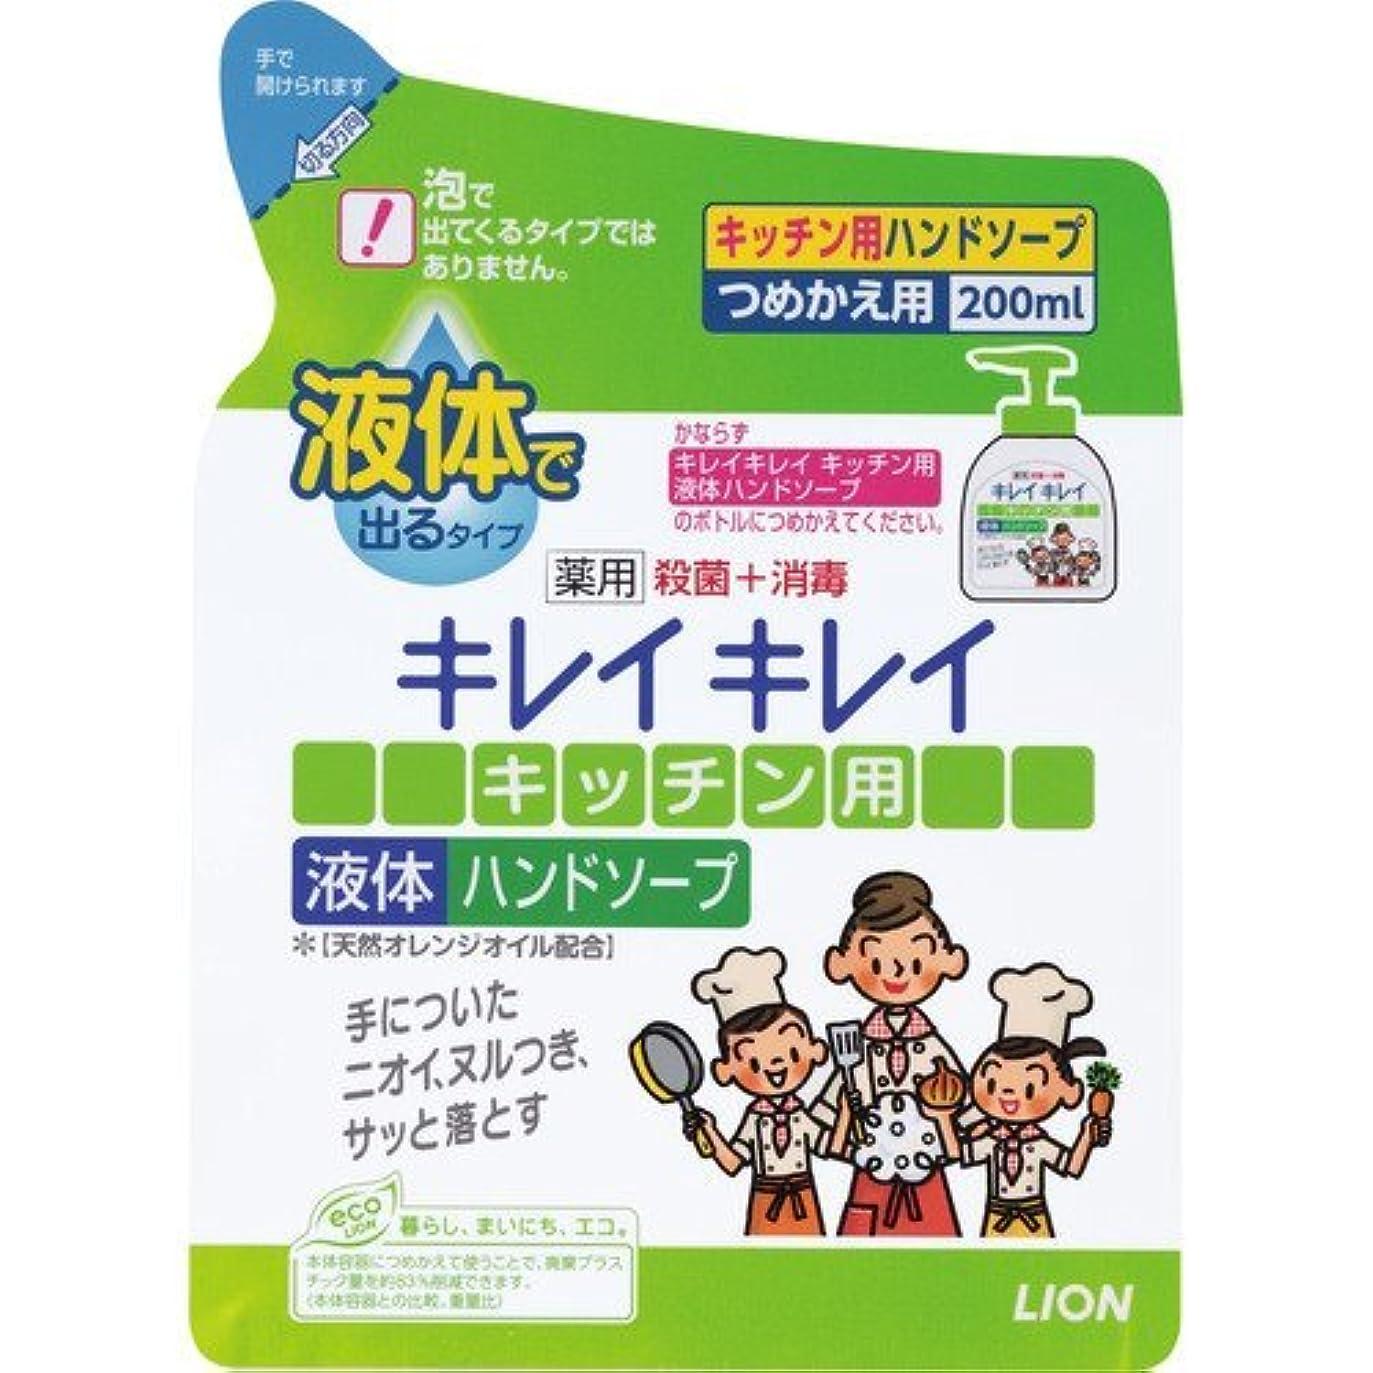 多年生ミニこしょうキレイキレイ 薬用 キッチンハンドソープ 詰め替え 200ml(医薬部外品)